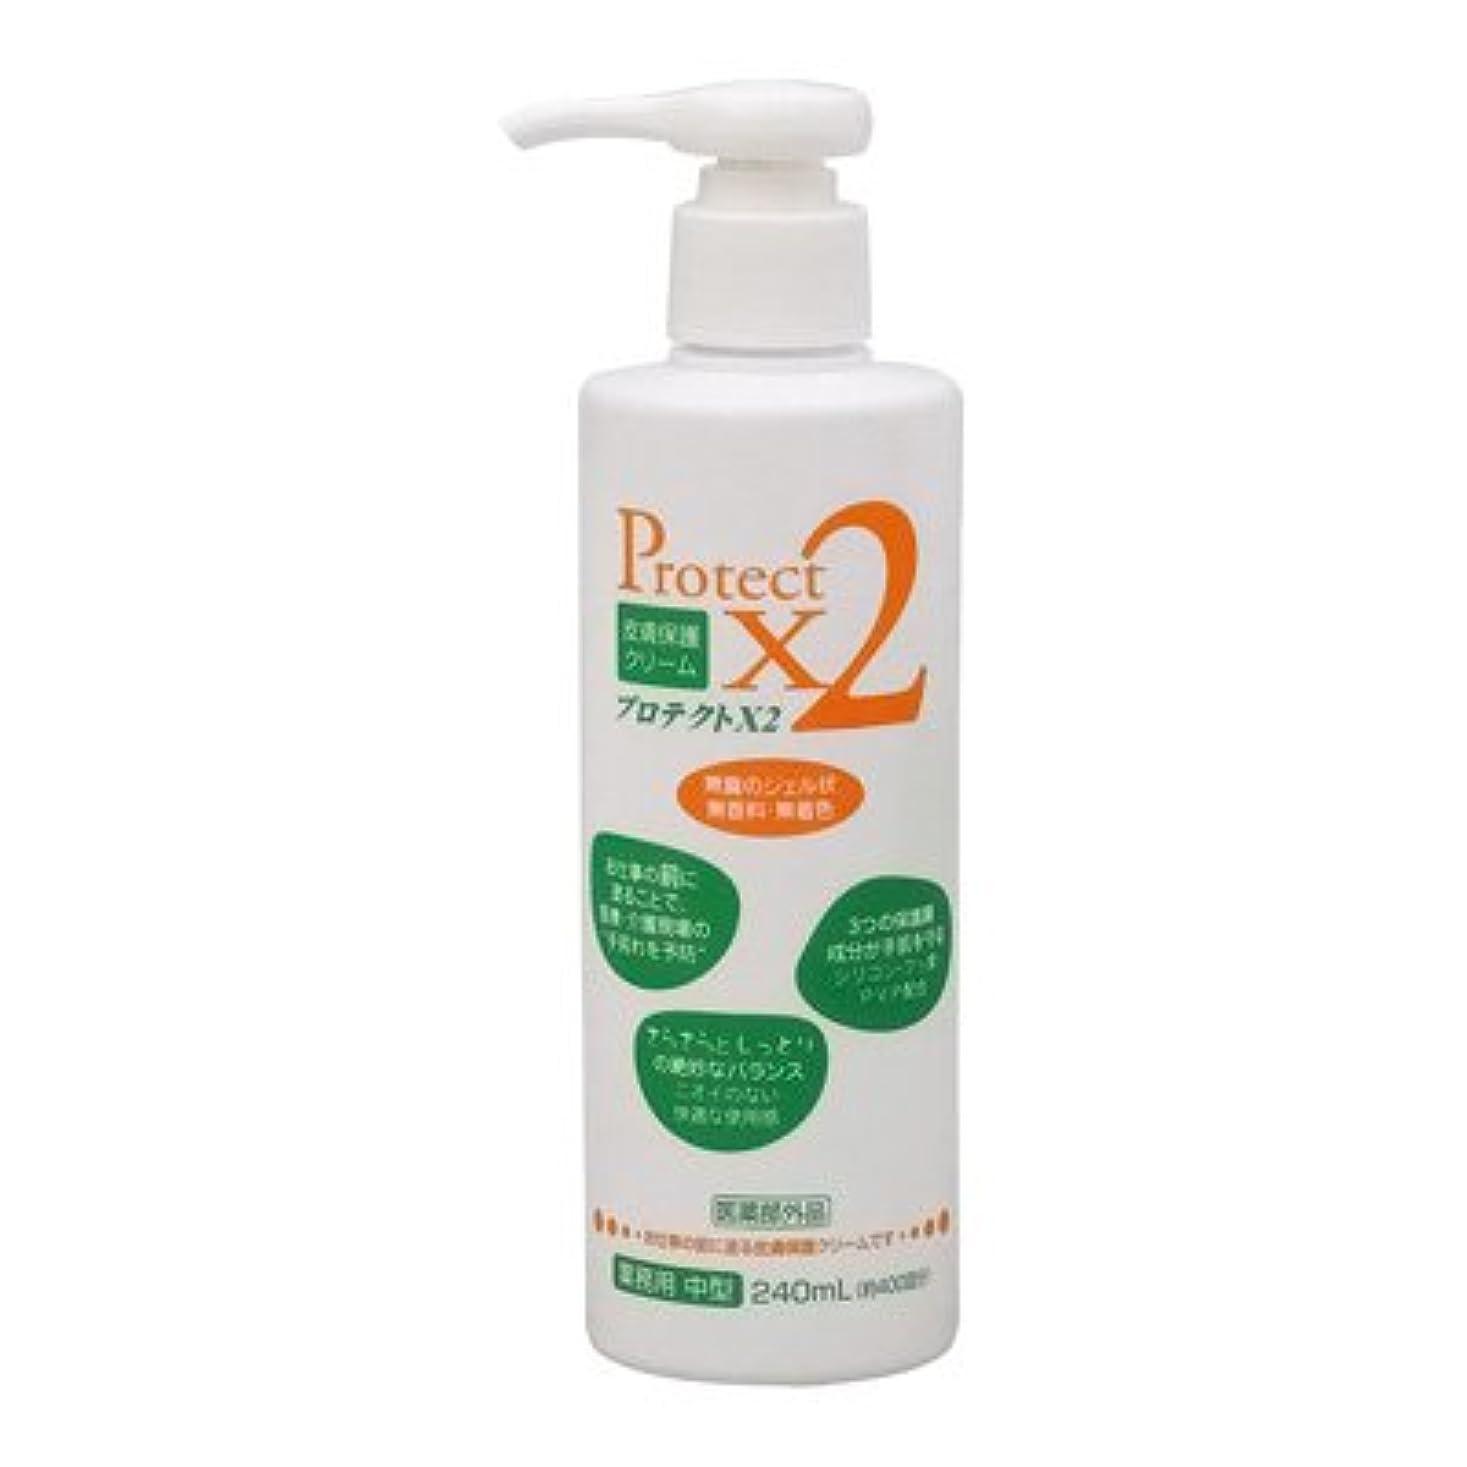 トマト運命カード皮膚保護クリーム プロテクトX2 240ml(中型)